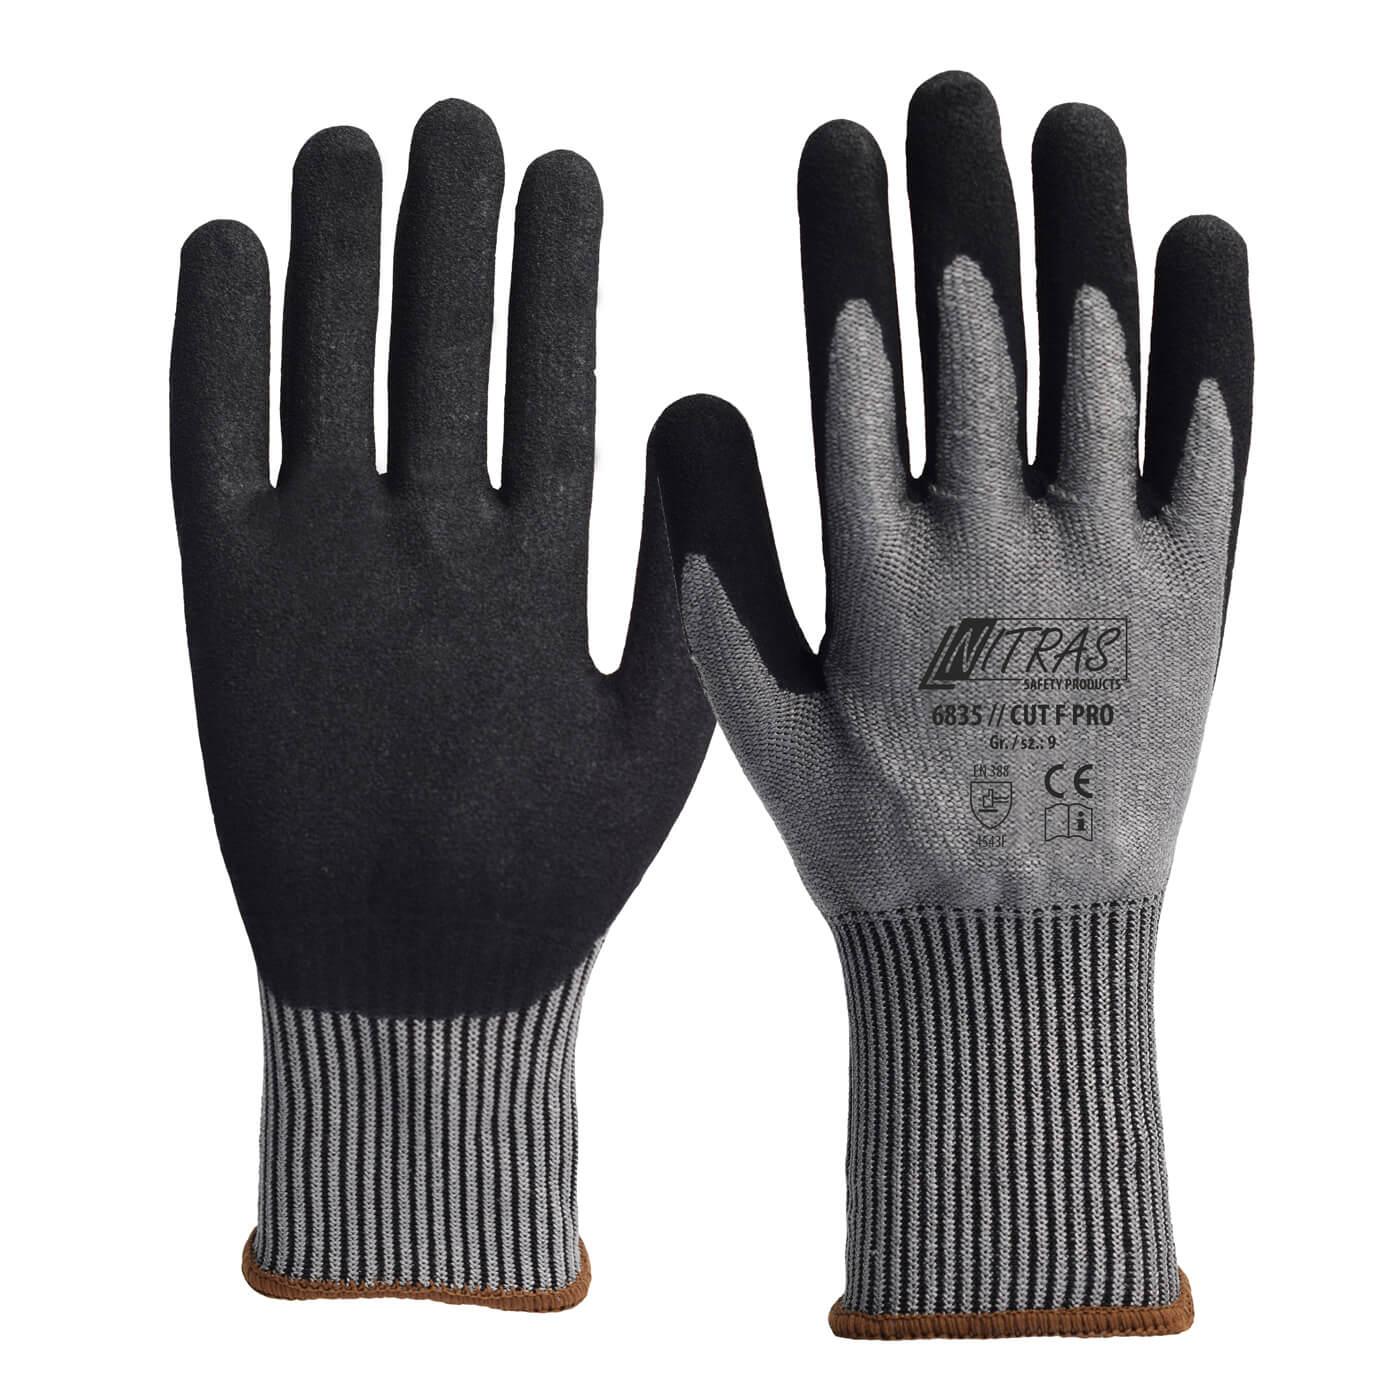 Rękawice antyprzecięciowe Nitras 6835/CUT F PRO